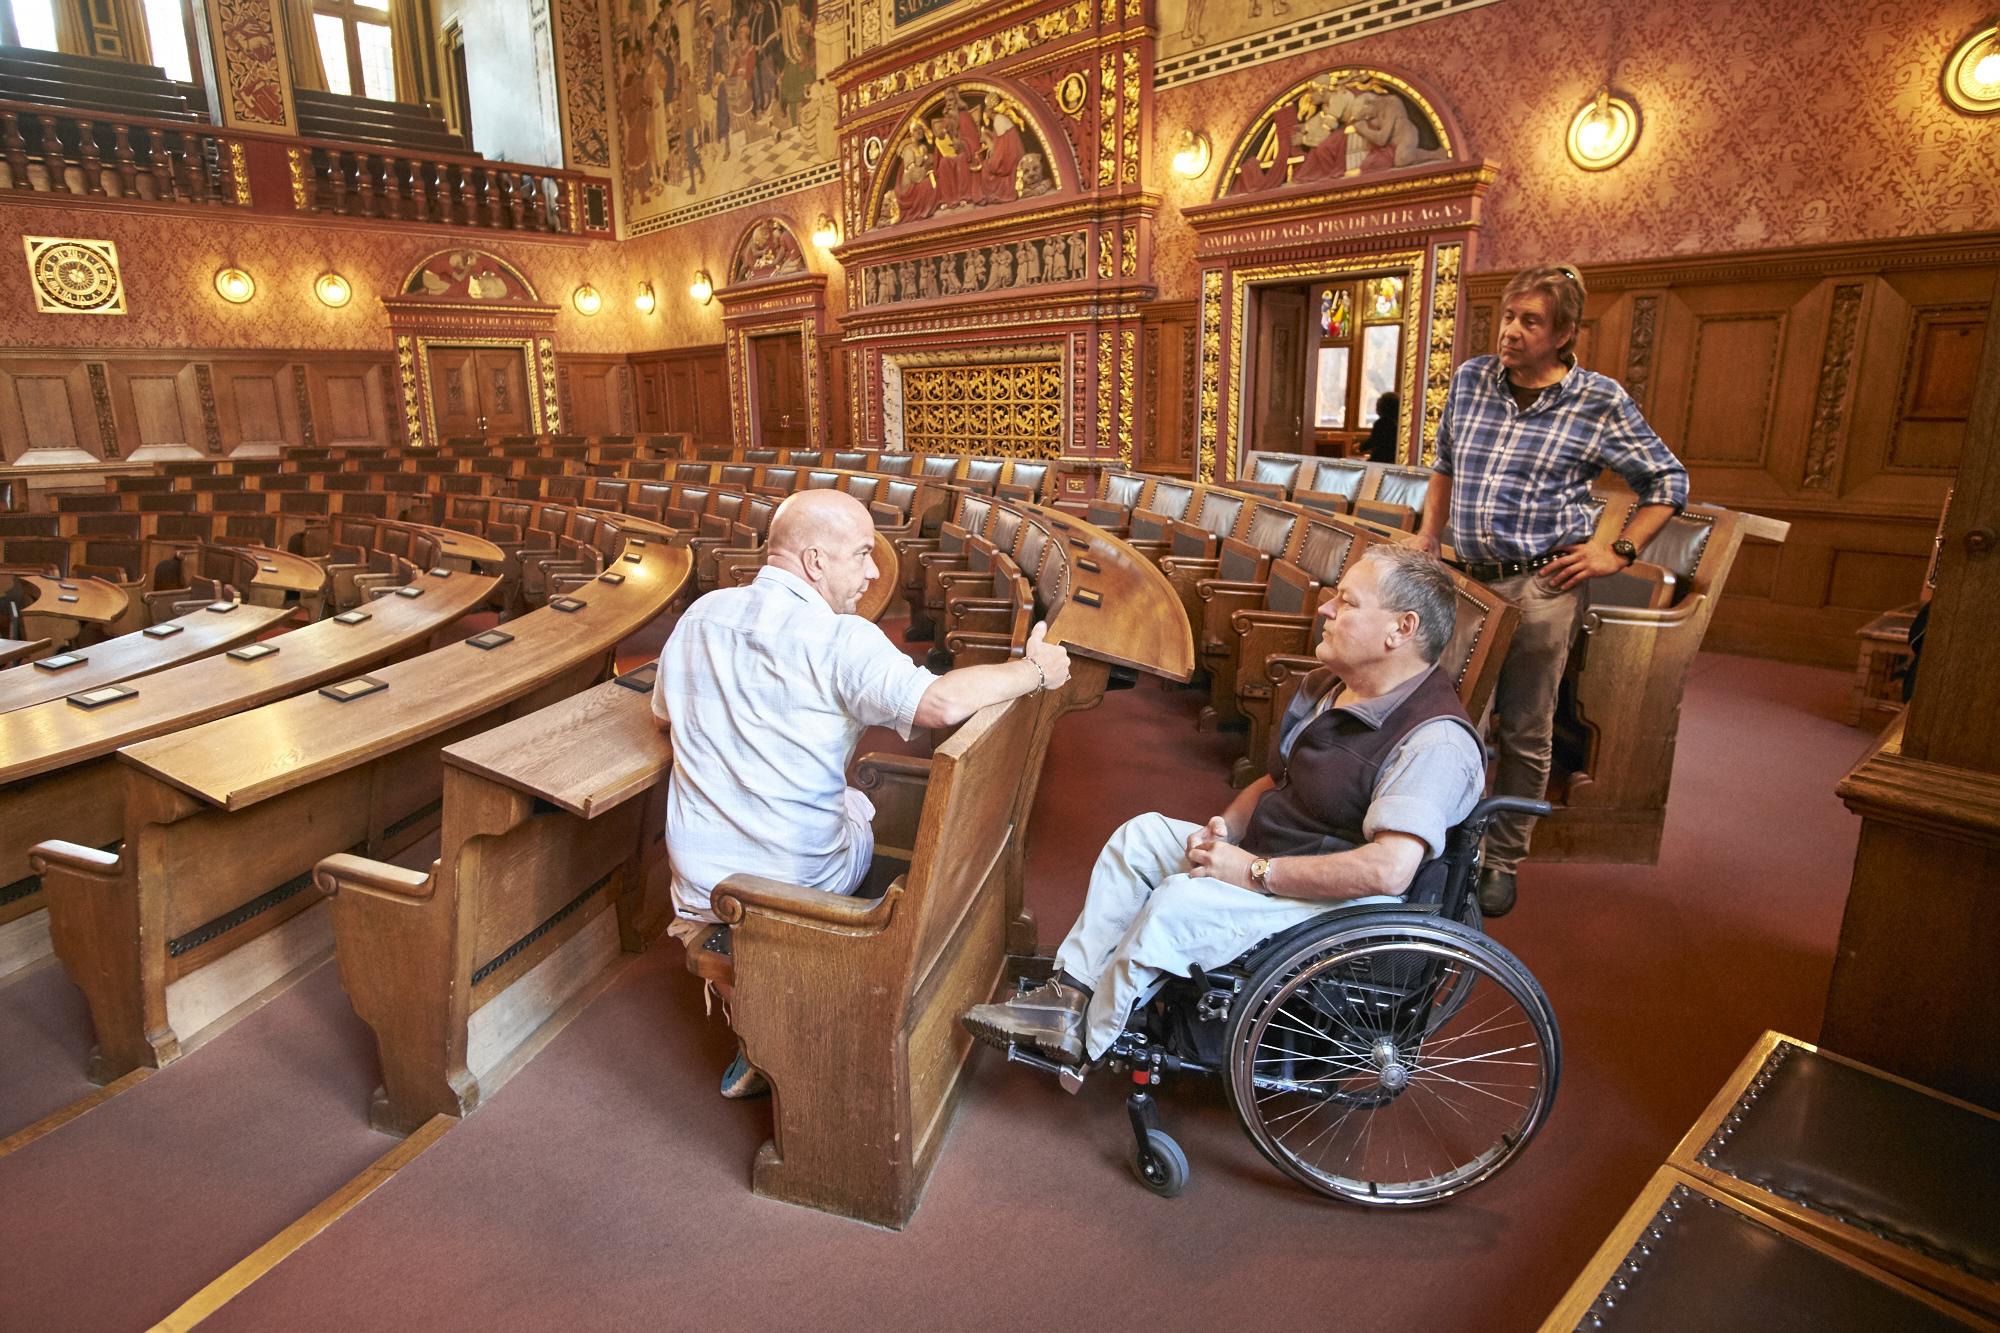 Schweres Los als Hinterbänkler: Für Rollstühle hat es im Grossratssaal genügend Platz – allerdings nur hinter den historischen Sitzen oder daneben.